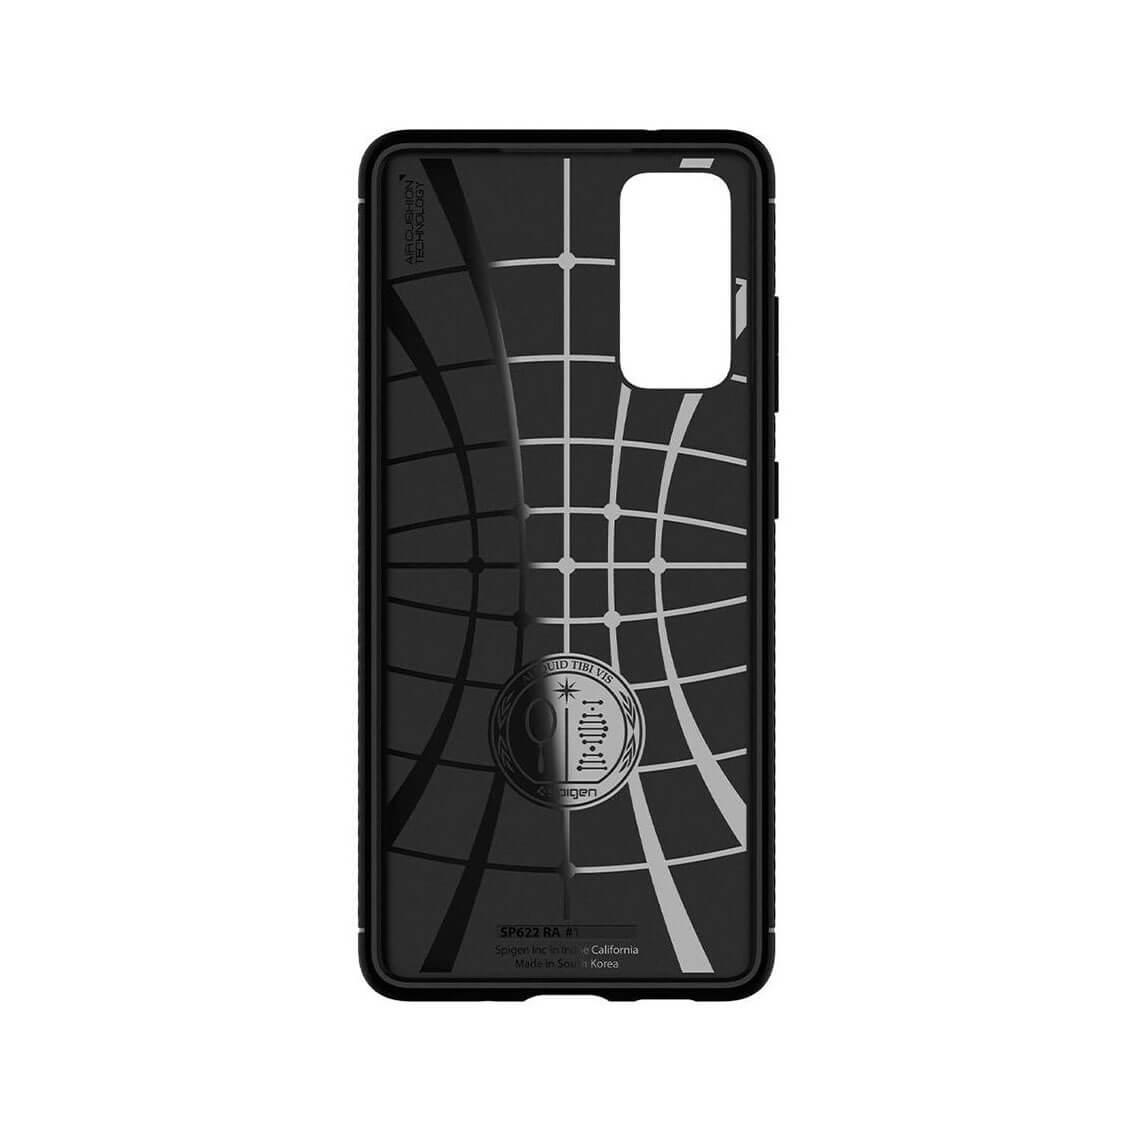 کاور اسپیگن Rugged Armor سامسونگ Galaxy S20 FE